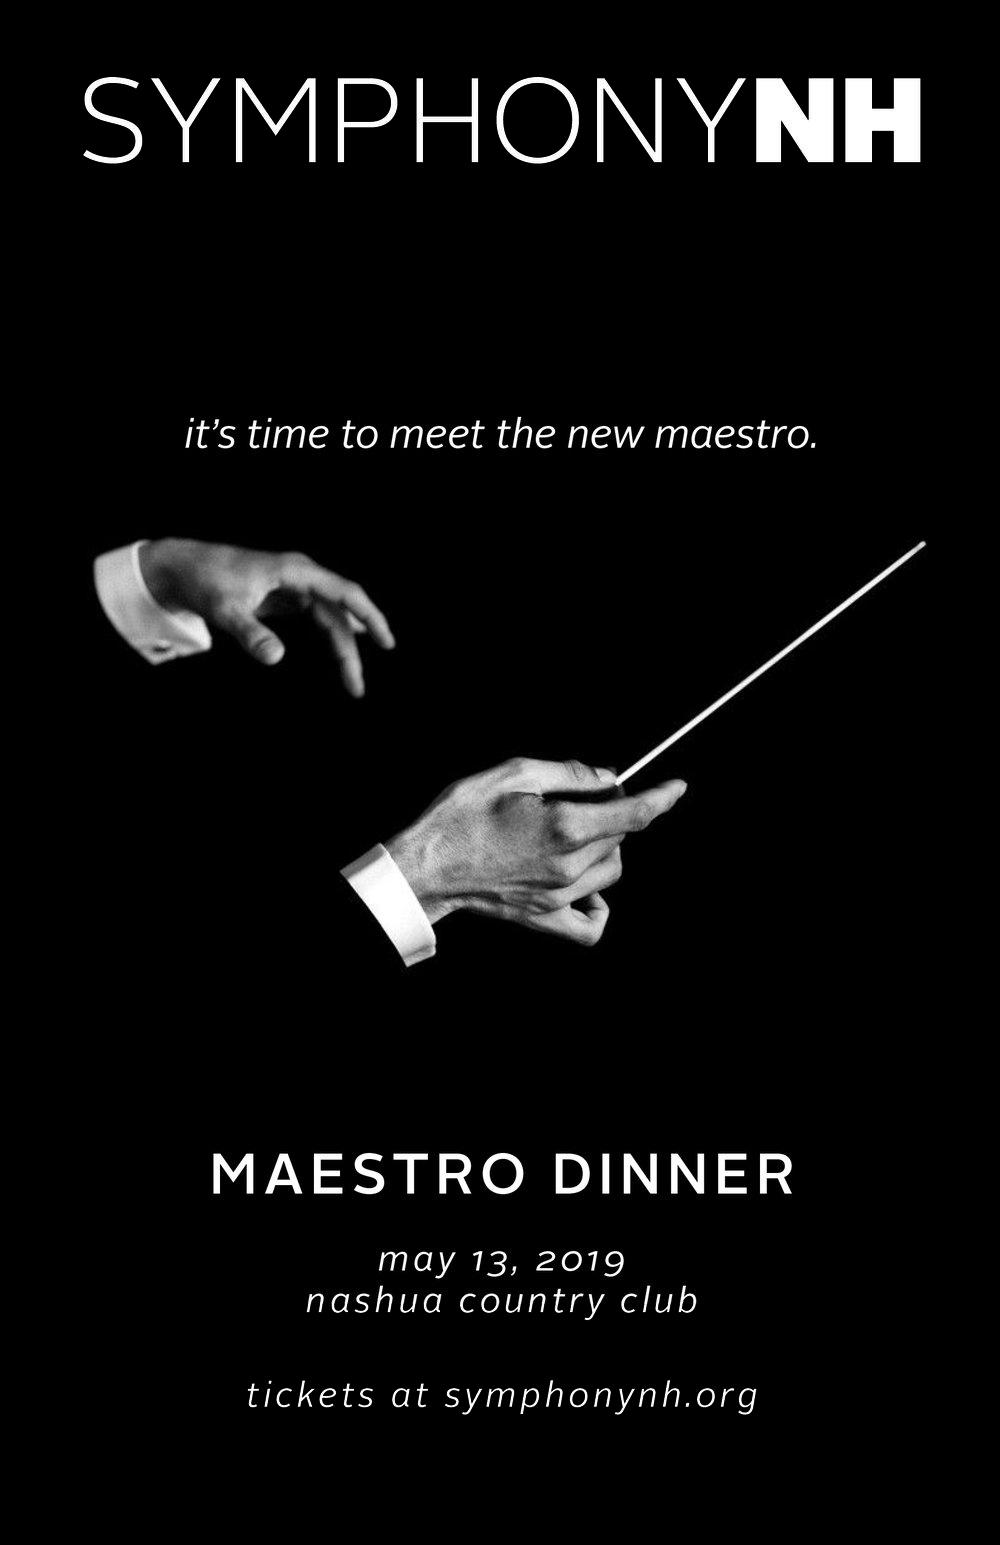 maestro dinner poster.jpg